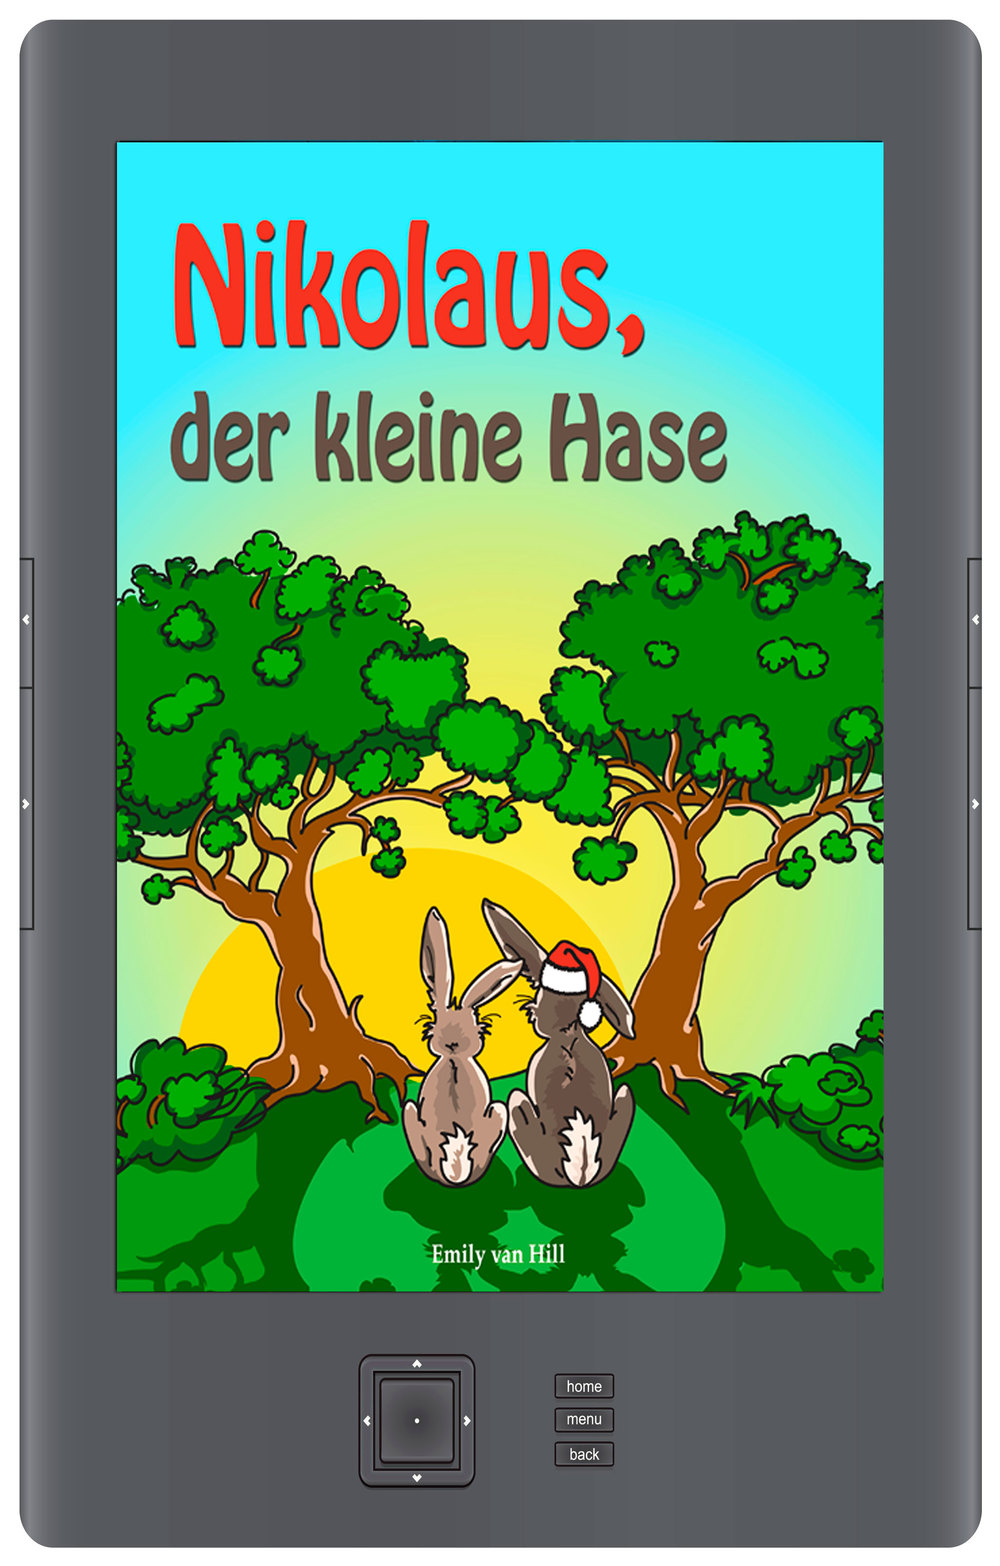 Nikolaus, der kleine Hase